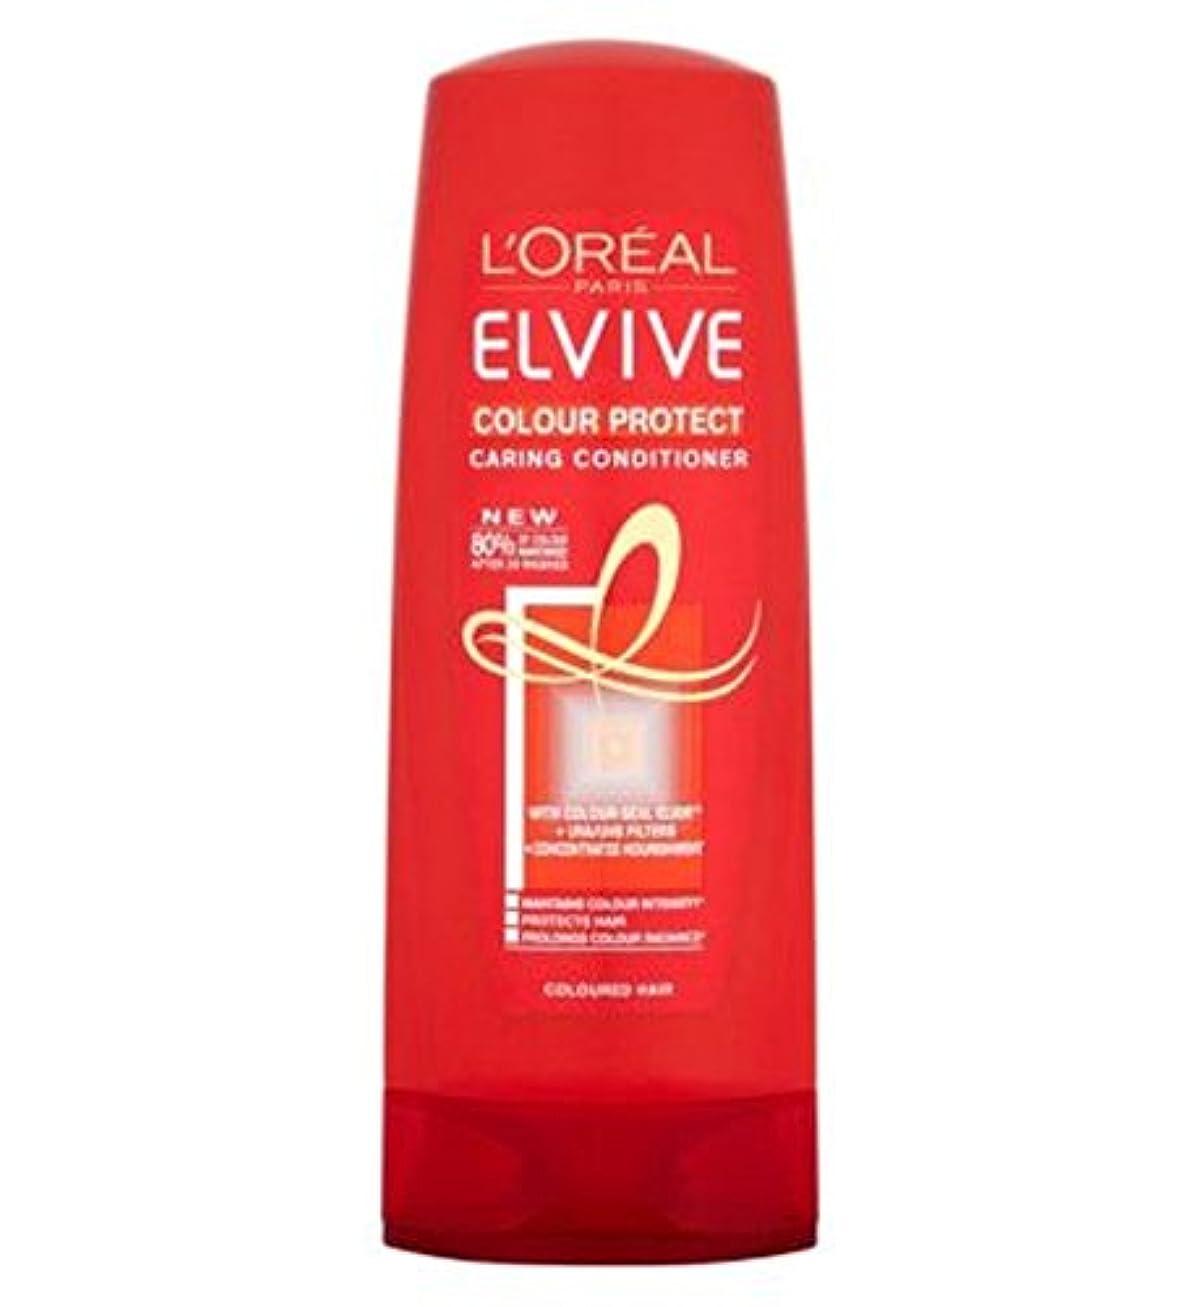 場合レイアウト野生L'Oreall Elviveカラーコンディショナー400ミリリットルを保護 (L'Oreal) (x2) - L'Oreall Elvive Colour Protect Conditioner 400ml (Pack of 2) [並行輸入品]